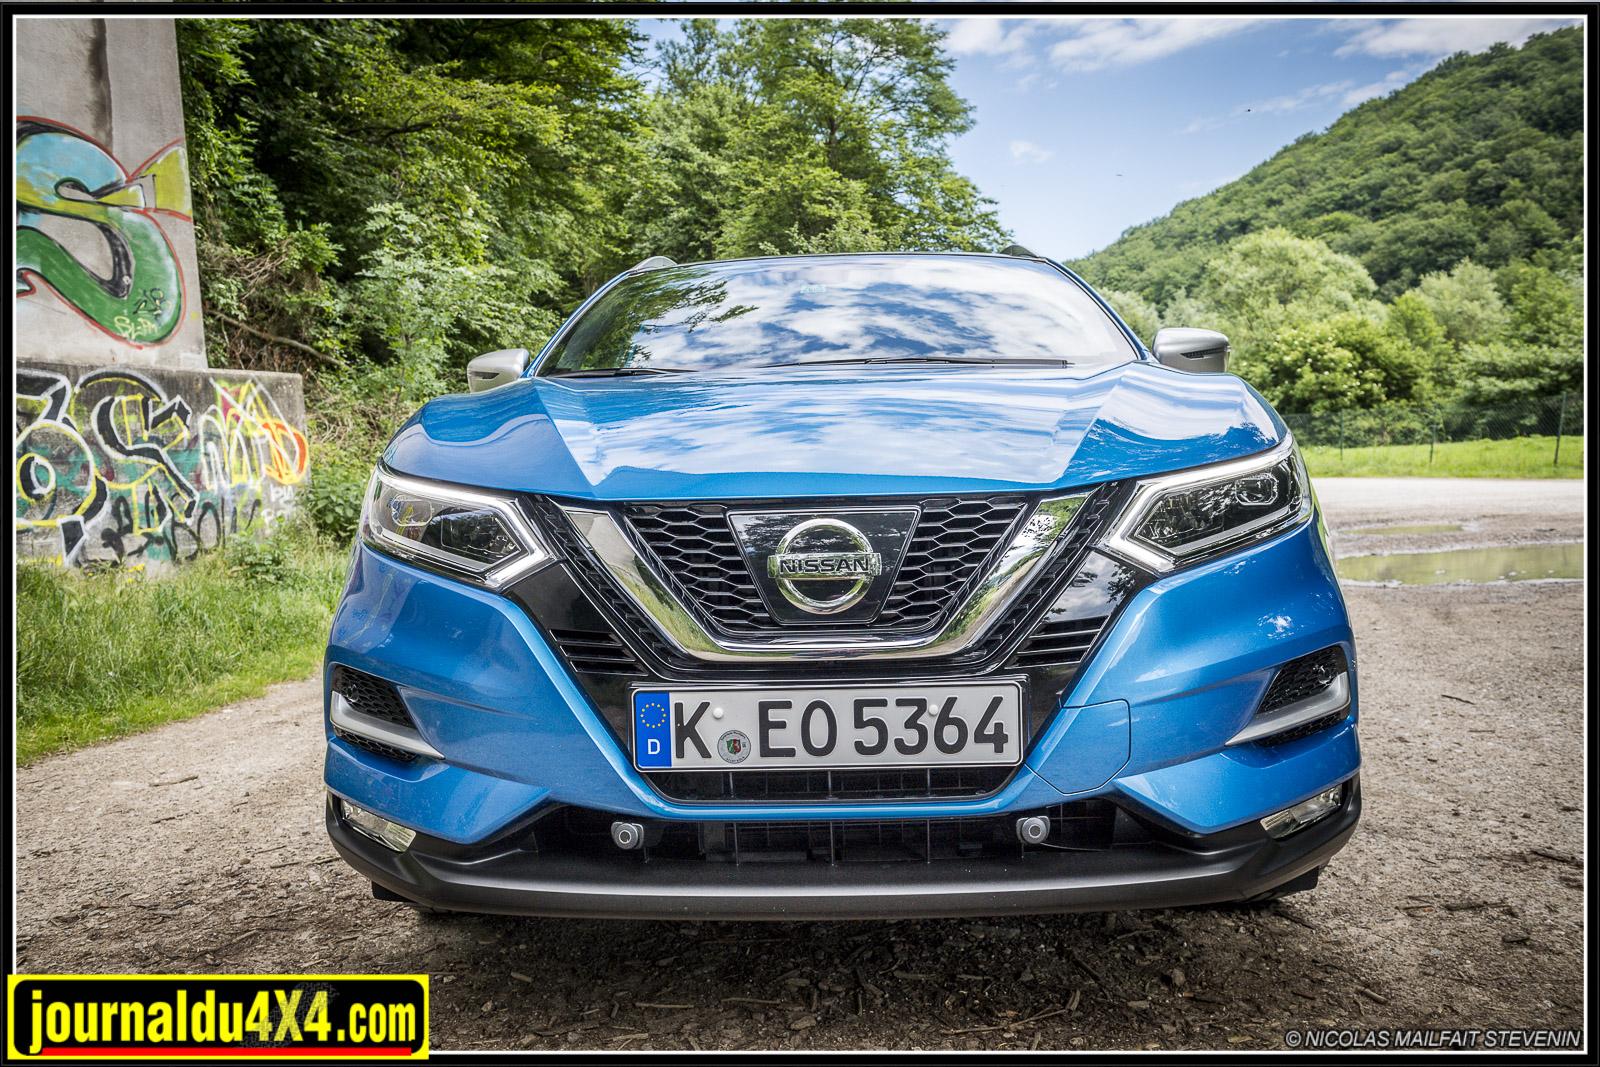 les changements de style les plus notables du Nissan Qashqai 4x4 sont sur la face avant.